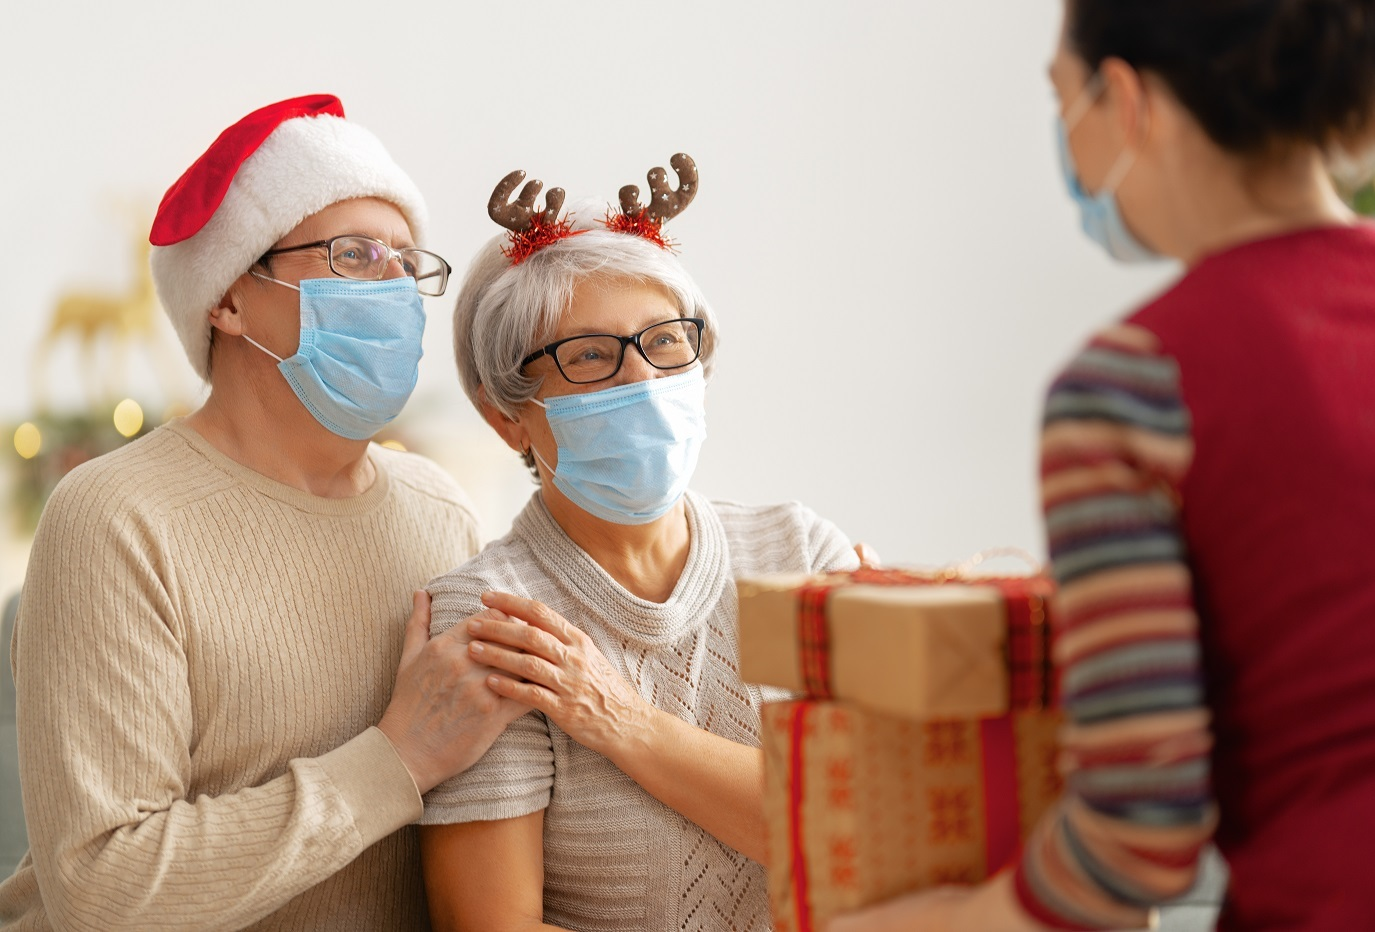 (P) Fii responsabil până la capăt! Petrece Crăciunul cu cei dragi, cu un test rapid Covid-19